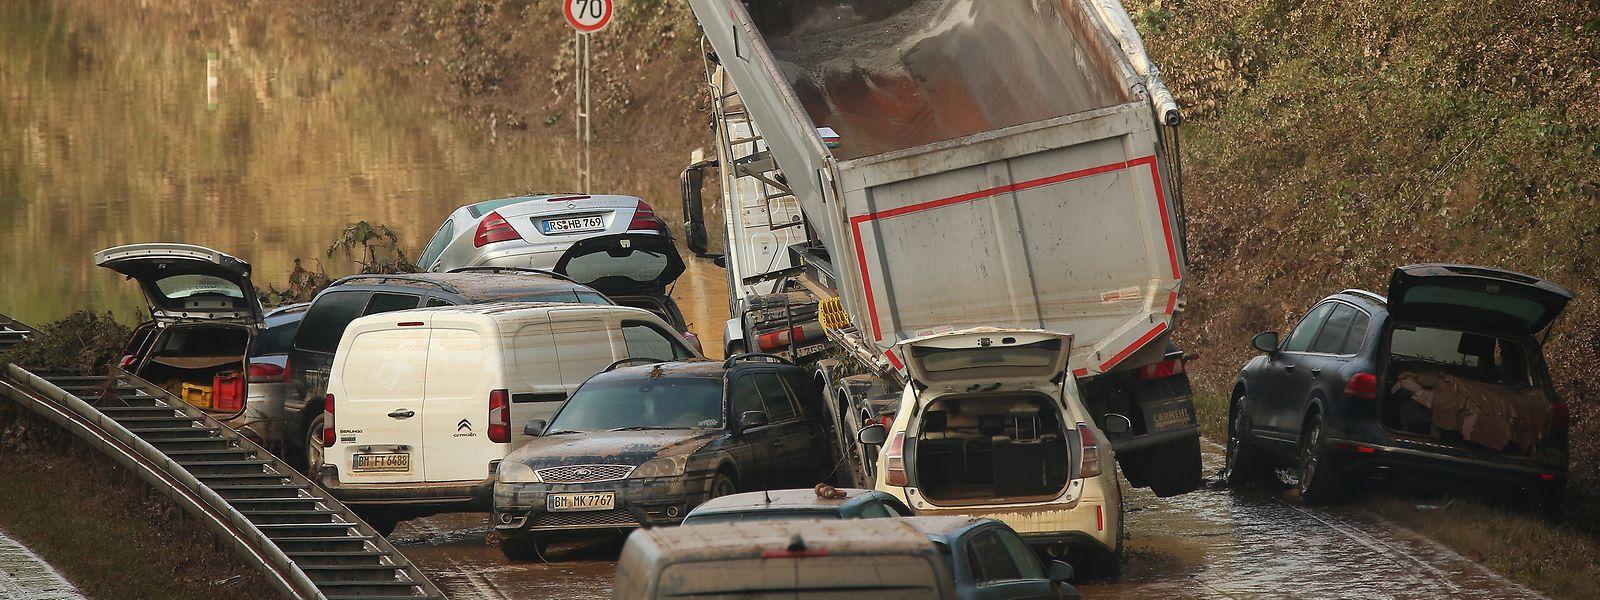 Auf der B265 bei Erftstadt Liblar stehen Autowracks, die vor einigen Tagen noch unter Wasser standen.